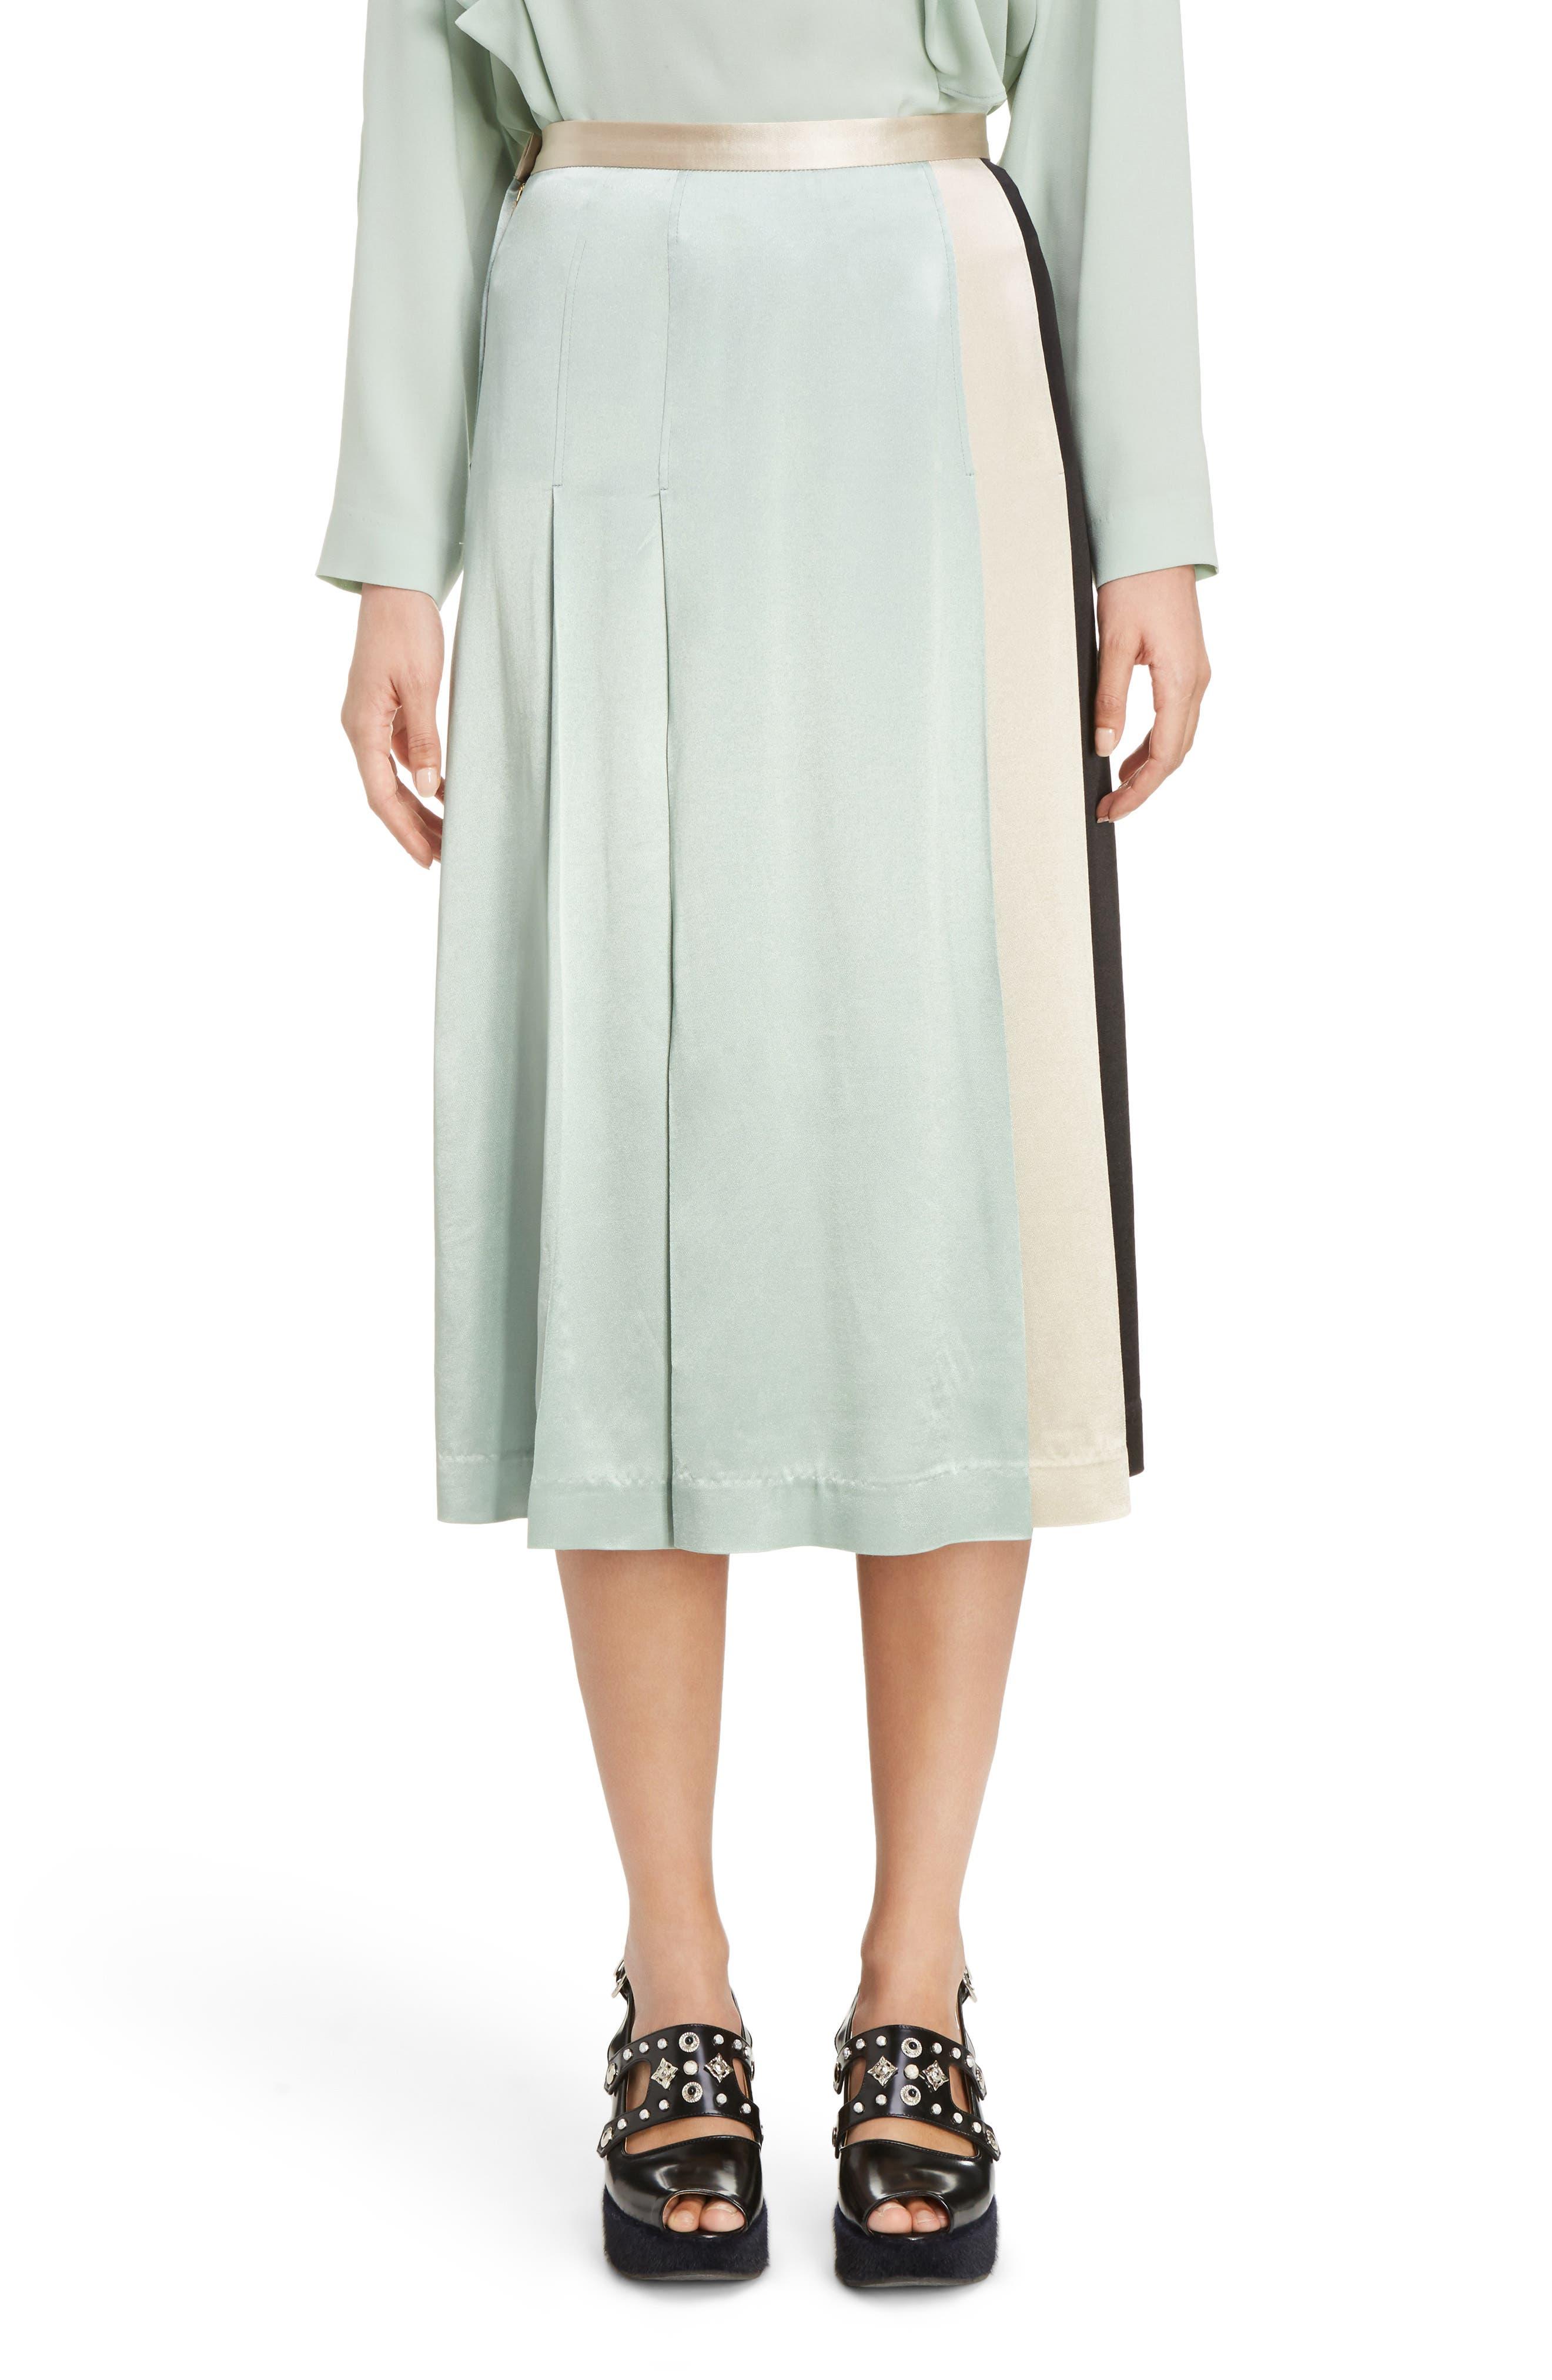 Alternate Image 1 Selected - TOGA Pleated Satin Skirt